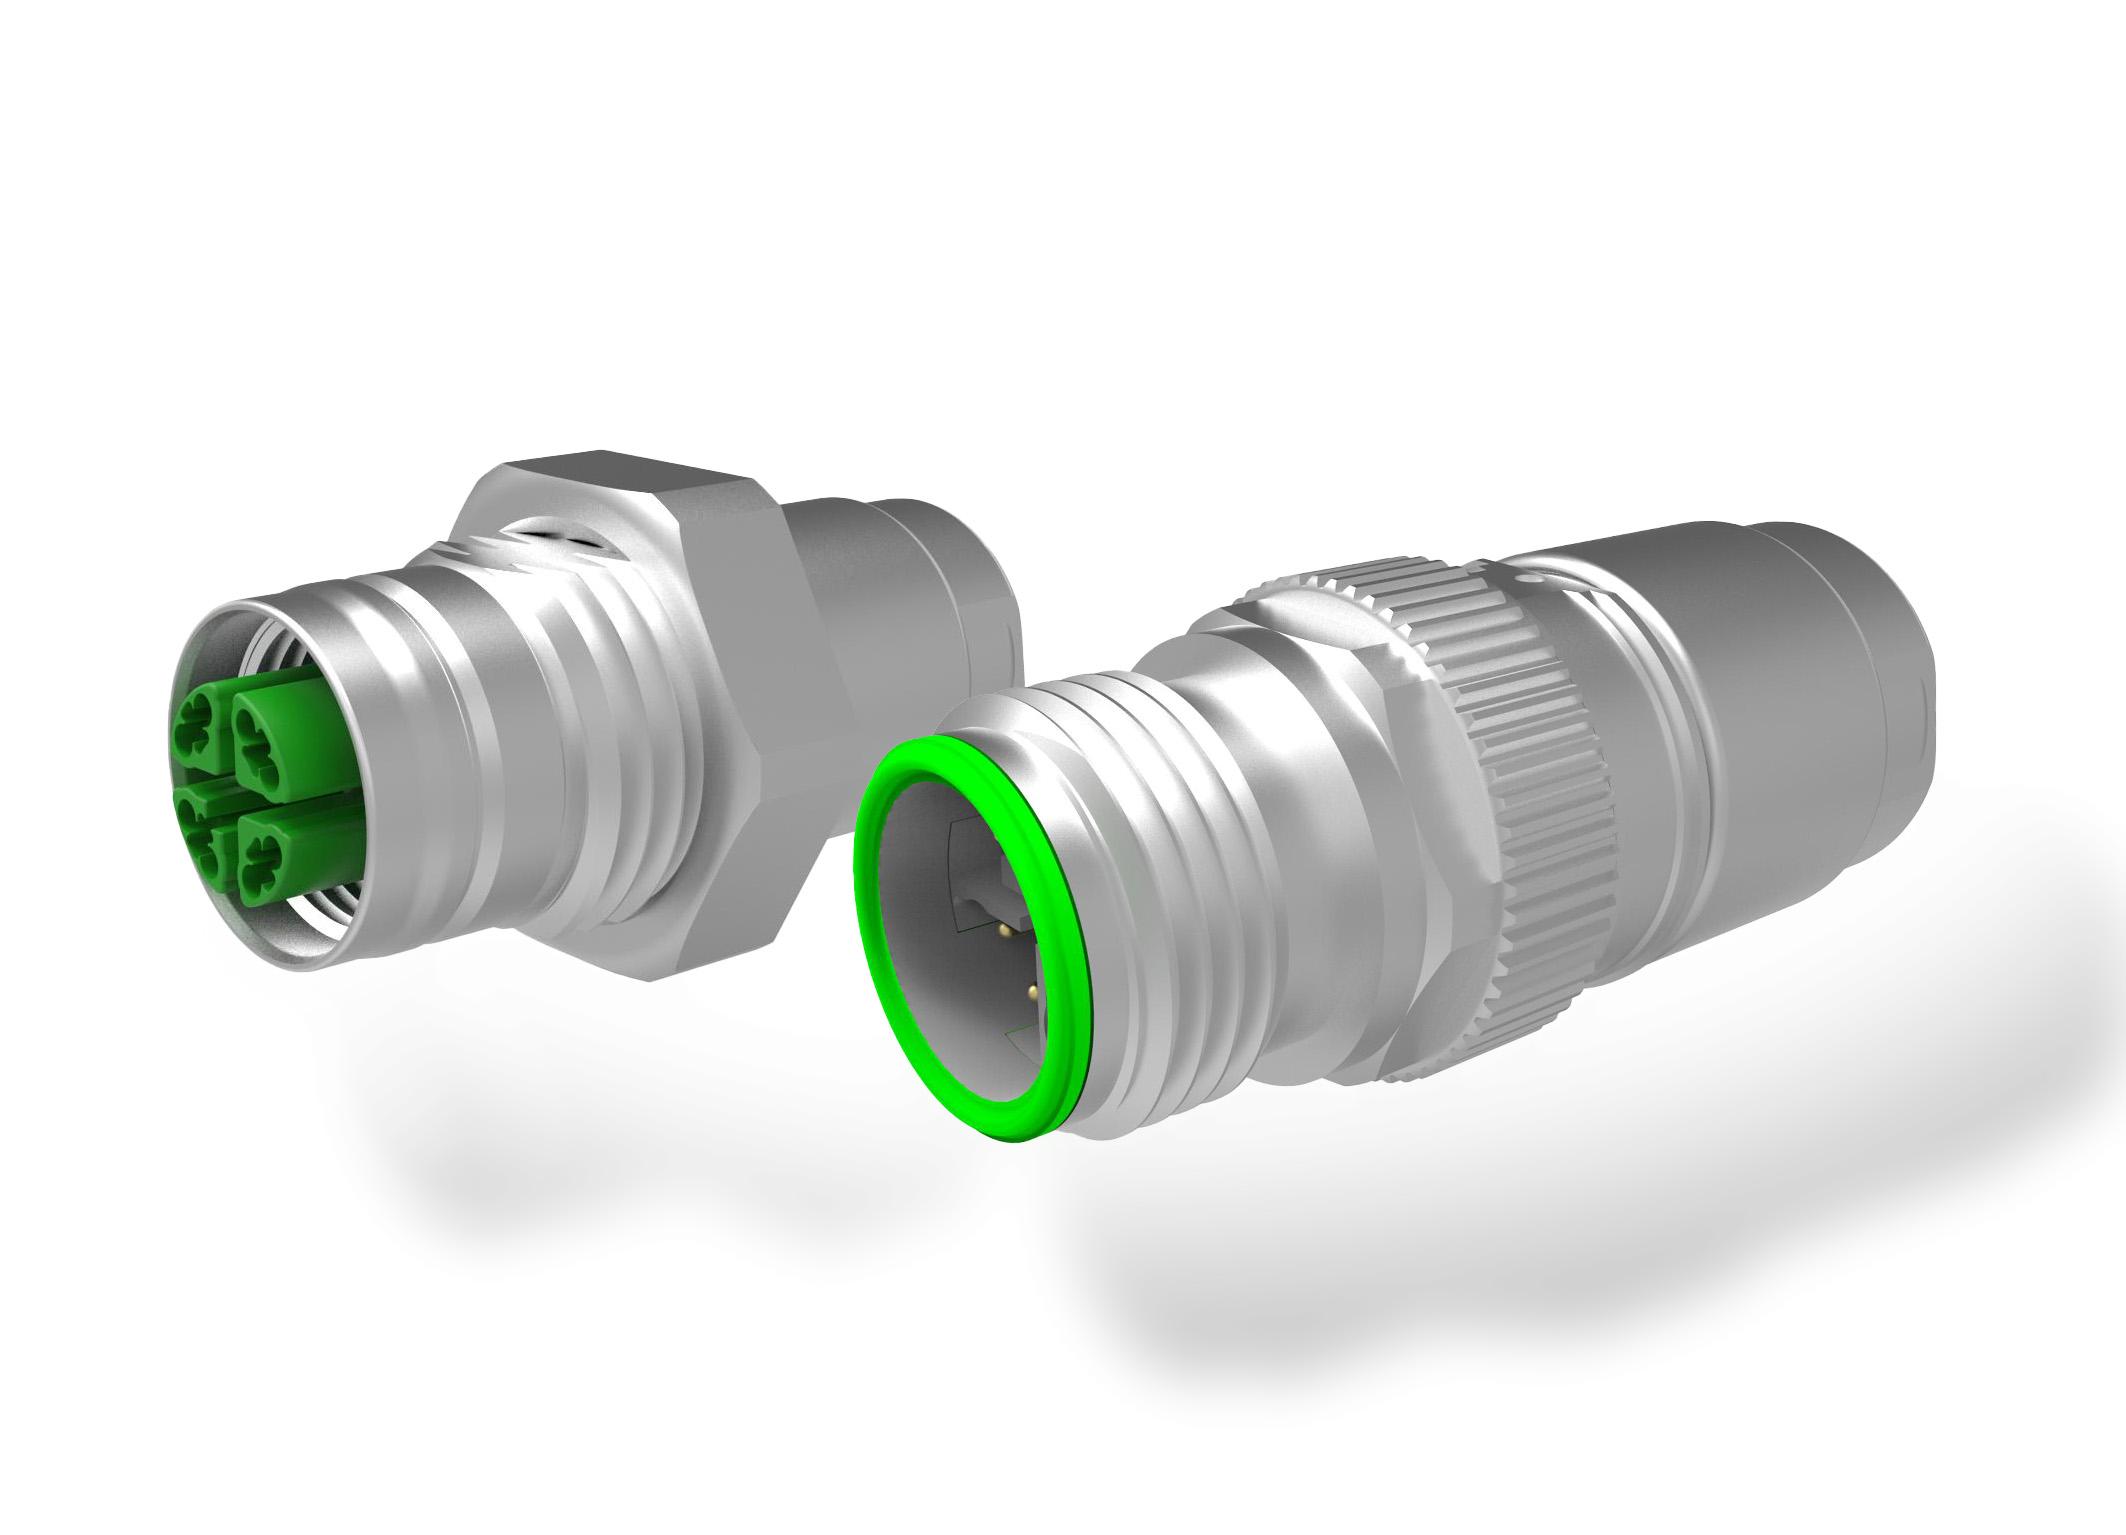 Robuste M12-Kabelstecker